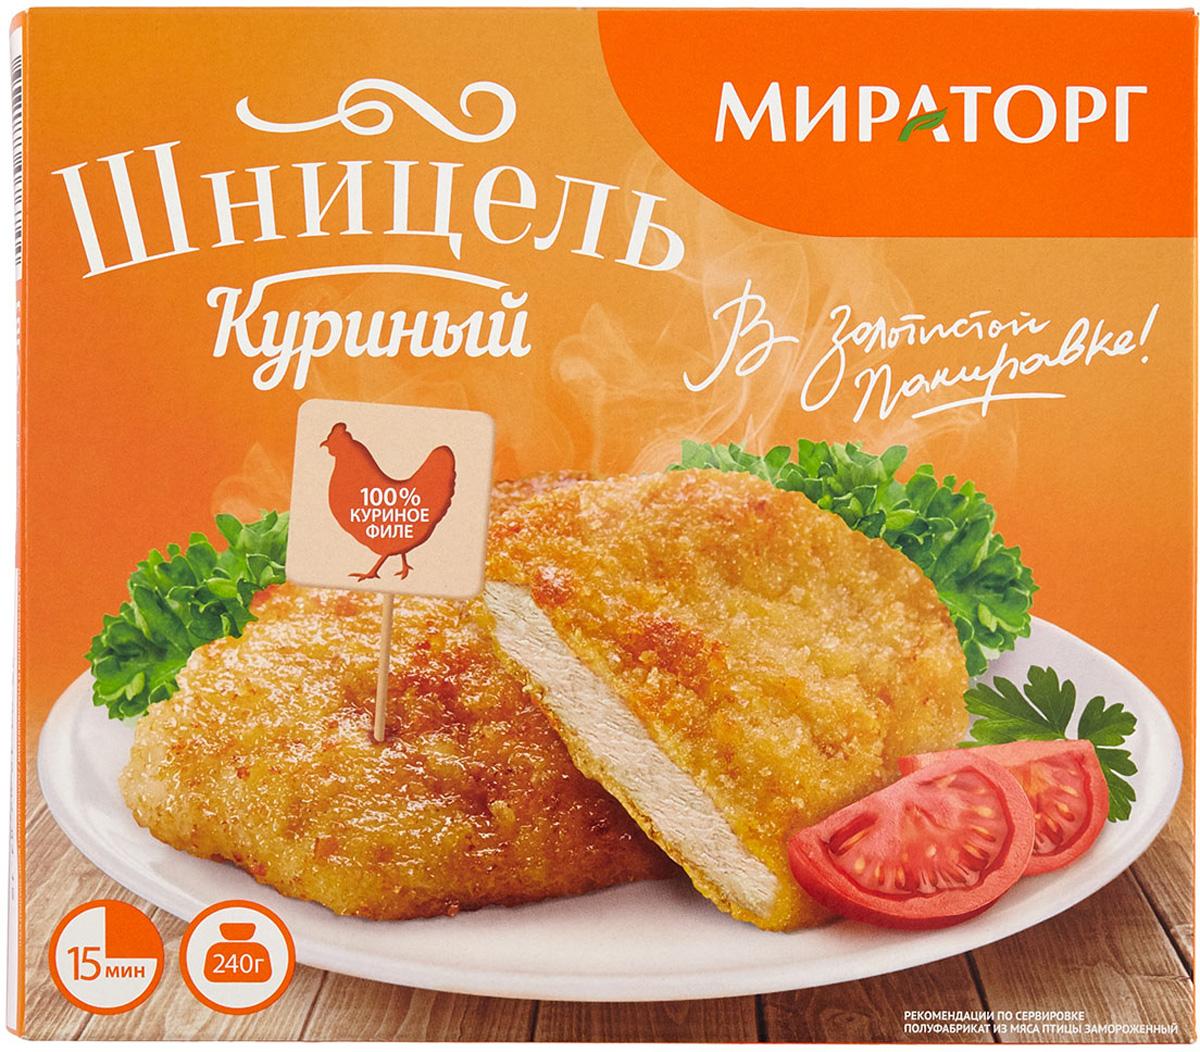 Шницель куриный Мираторг, 240 г.